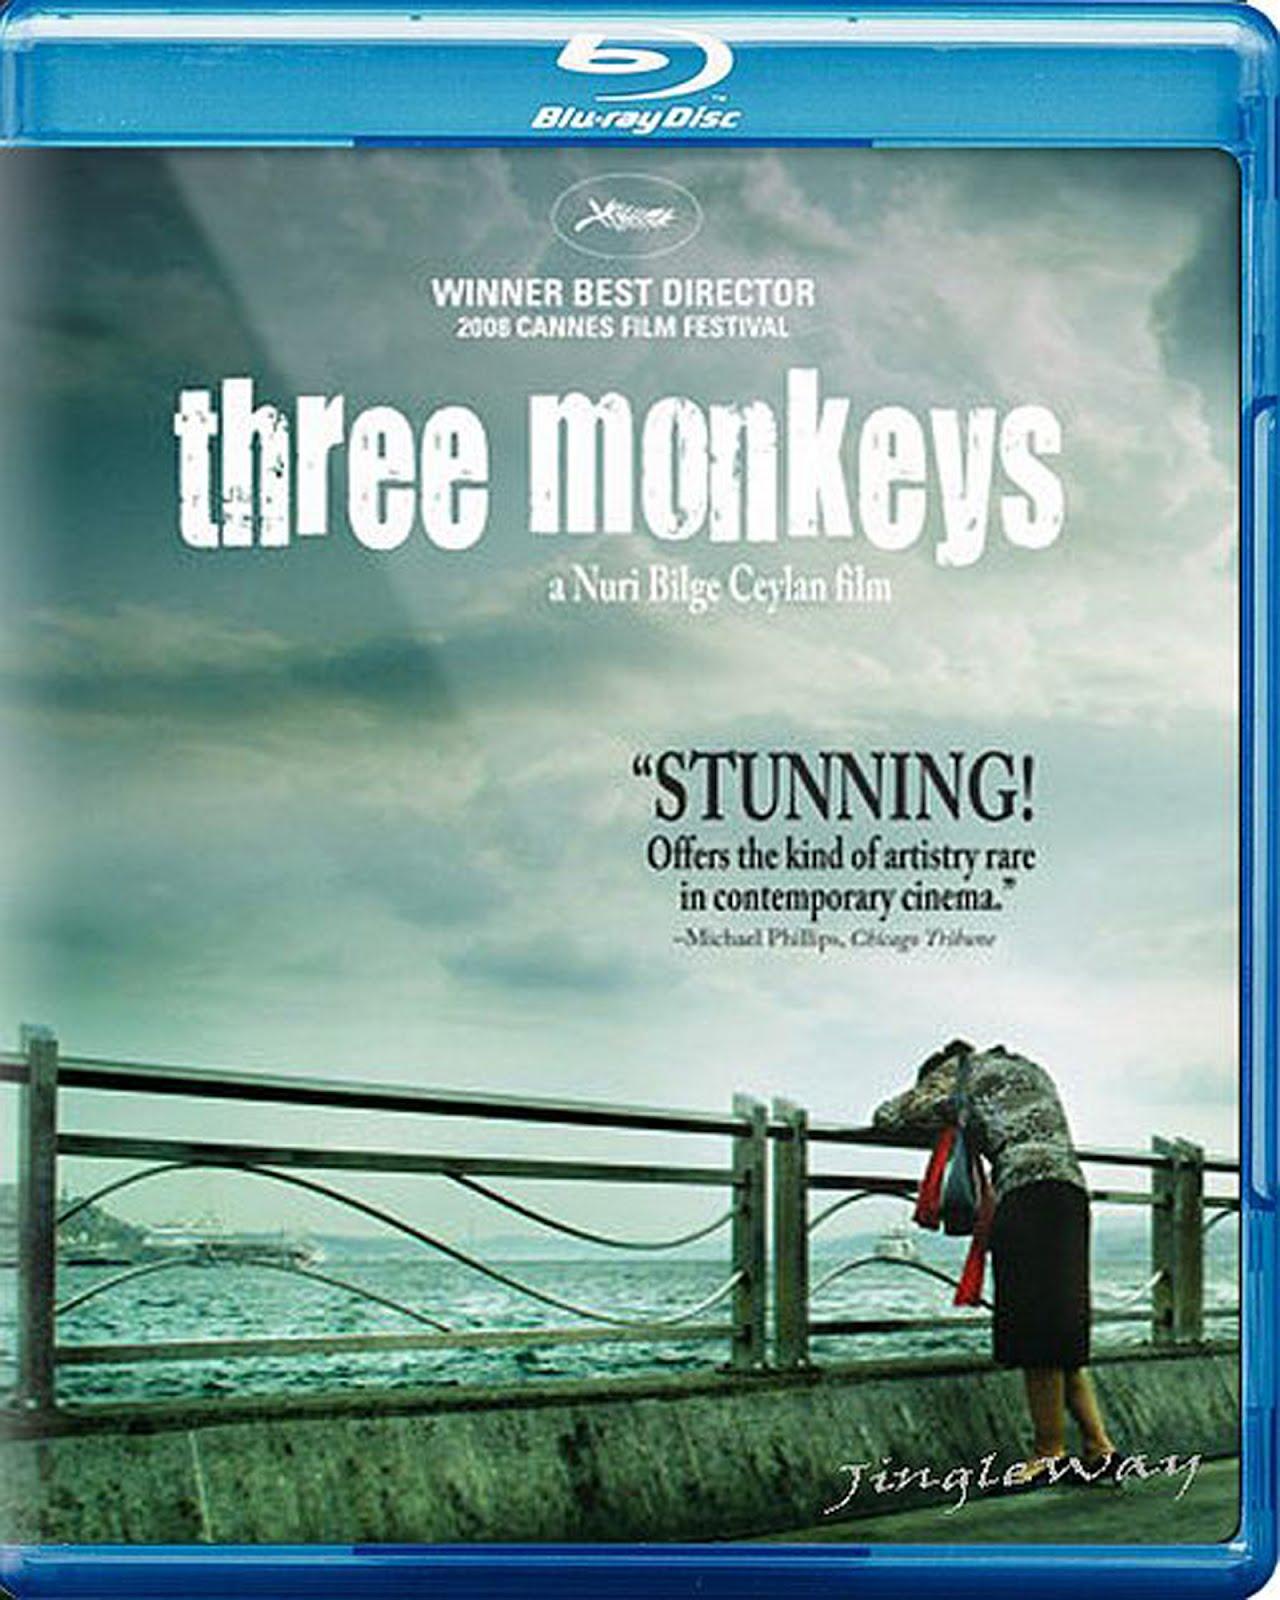 Three Monkeys Blu-ray Case Box